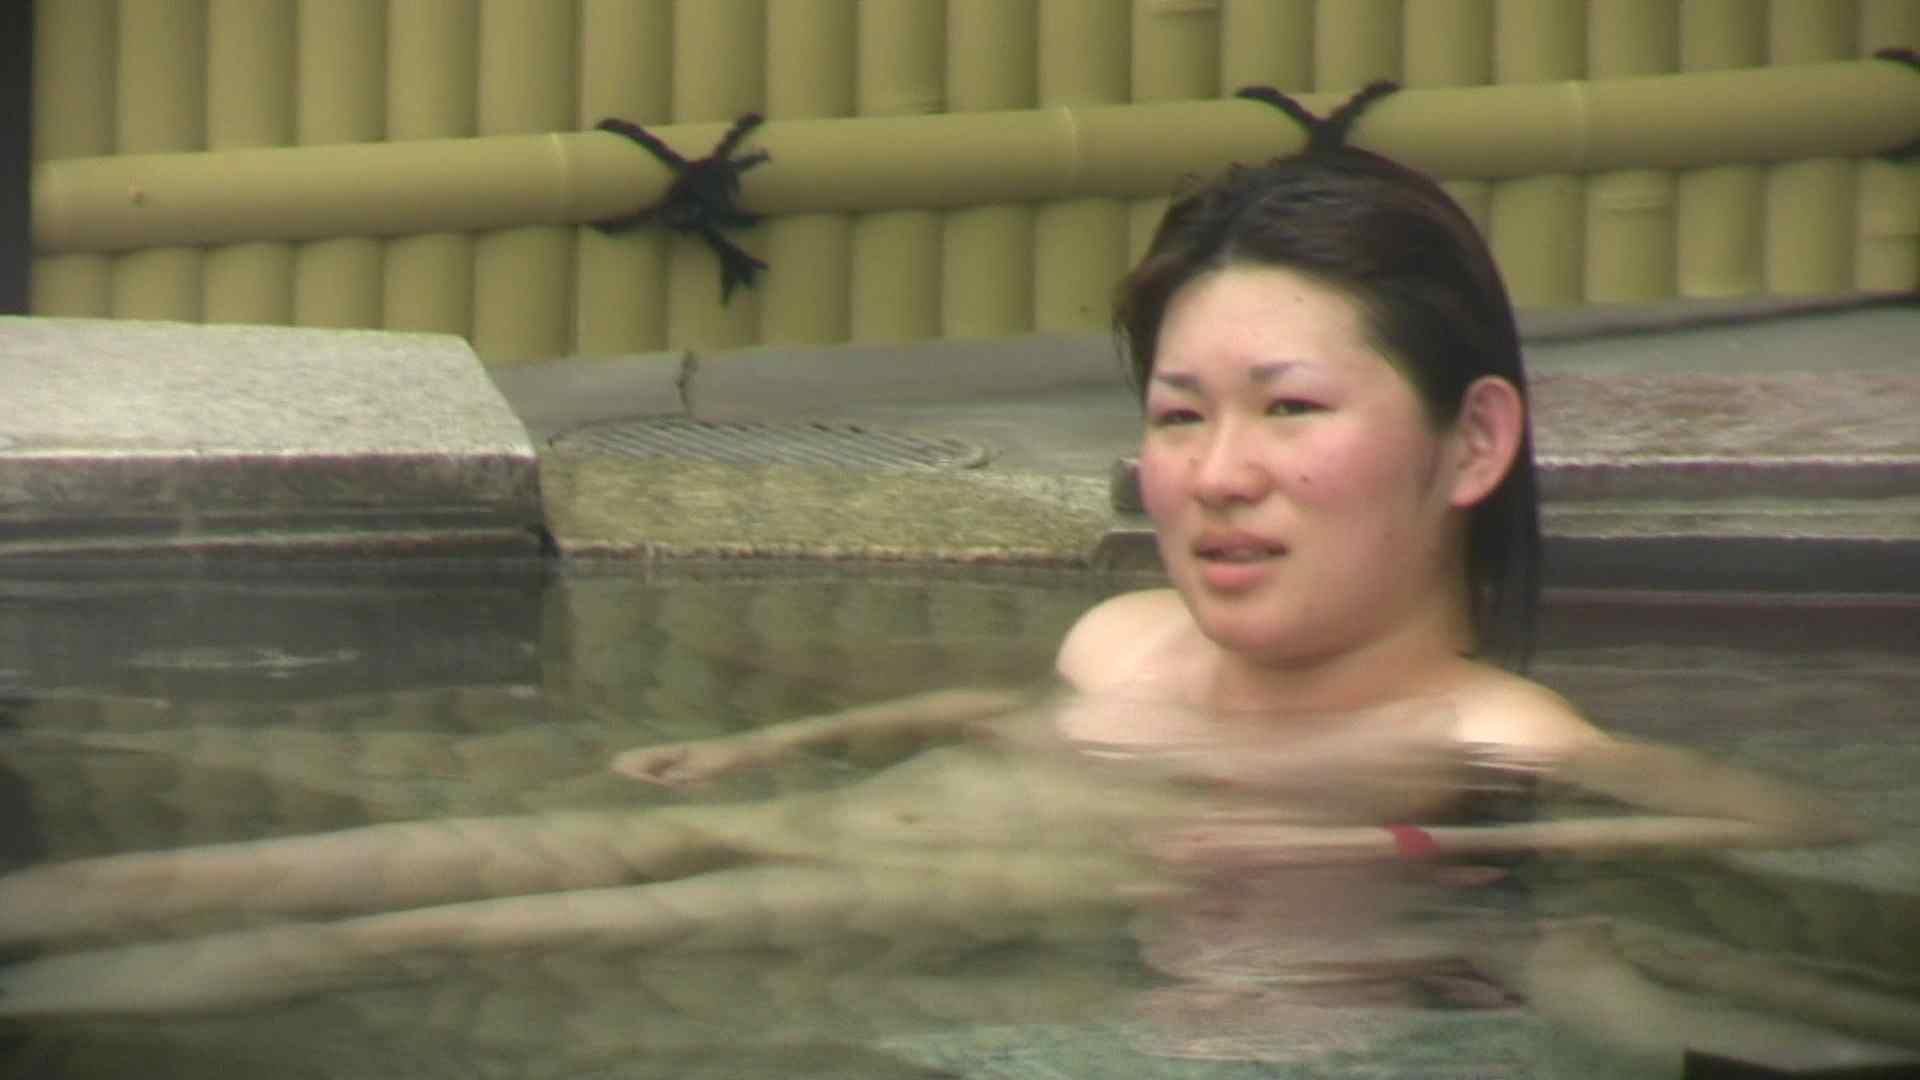 Aquaな露天風呂Vol.673 OLエロ画像 | 盗撮  104PICs 100